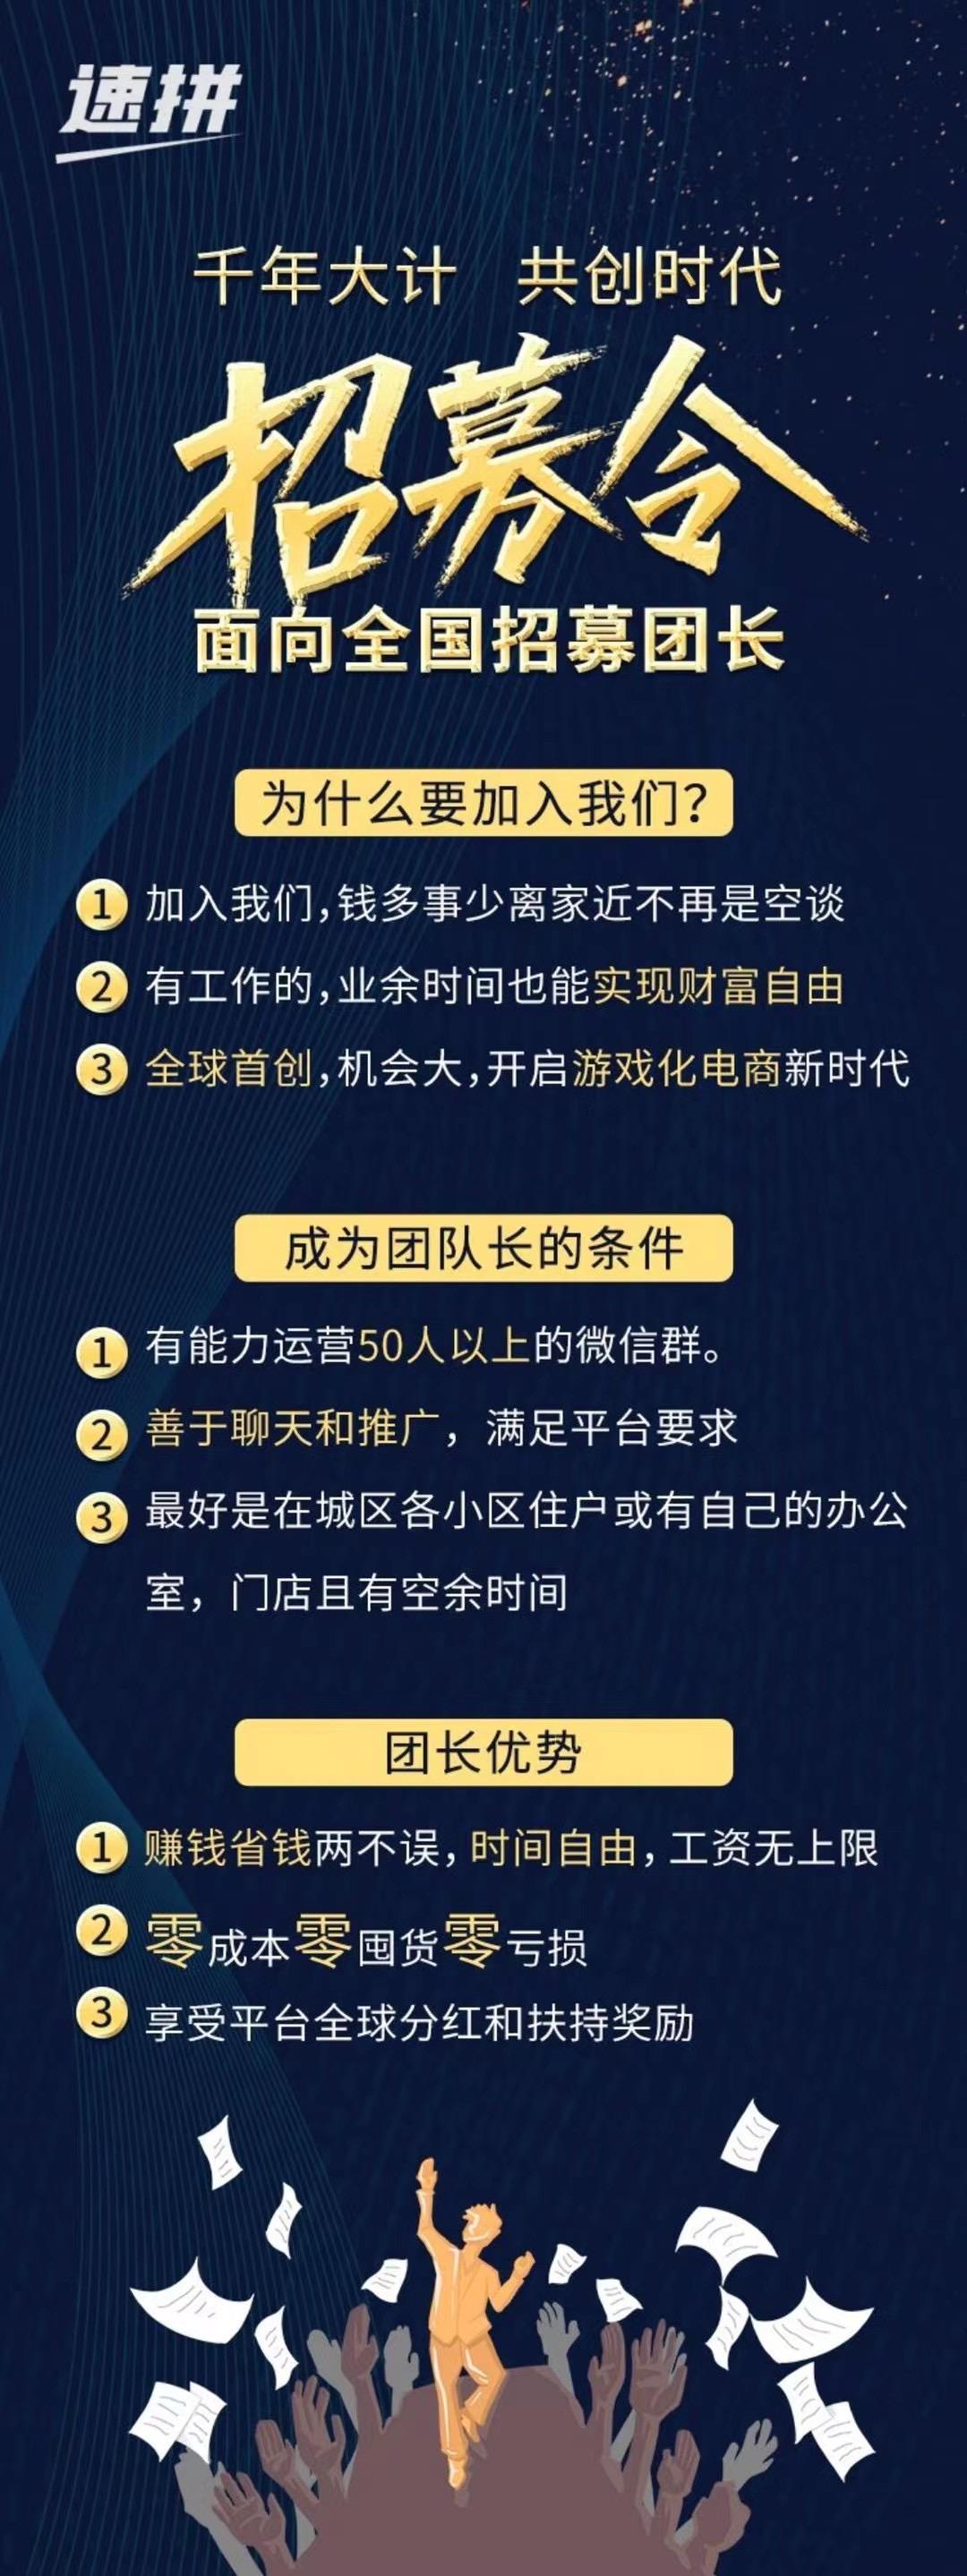 【币友投稿】速拼商城,31号正式上线开搞,最强零撸,高扶持!-首码网